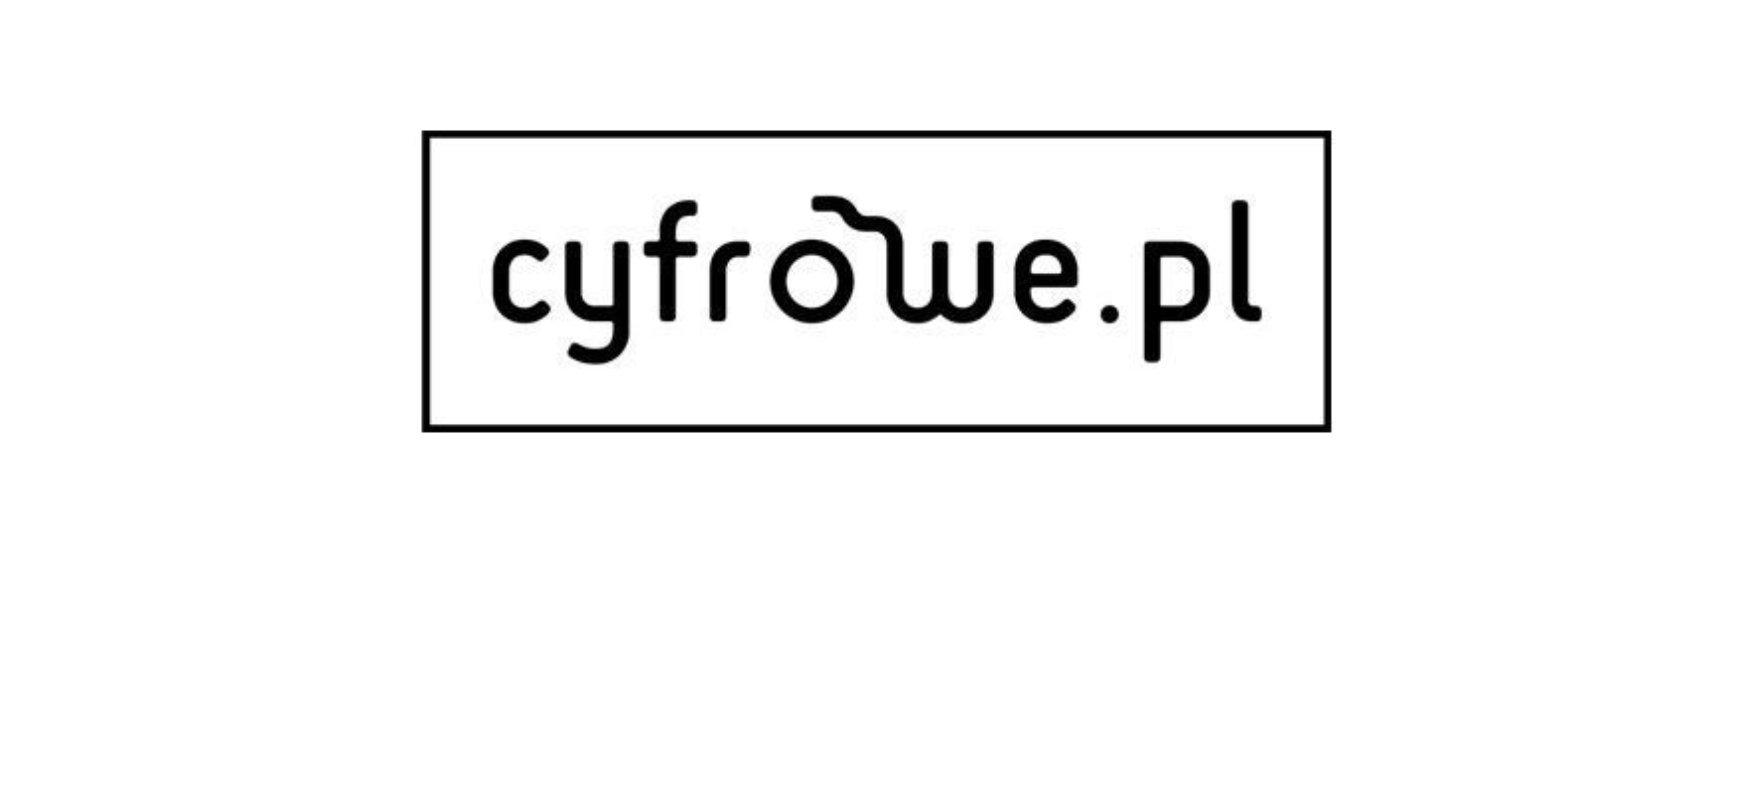 Cyfrowe.pl-en sekulako irristaketa.  Bezeroaren datuak argazki dendatik lapurtu zituzten